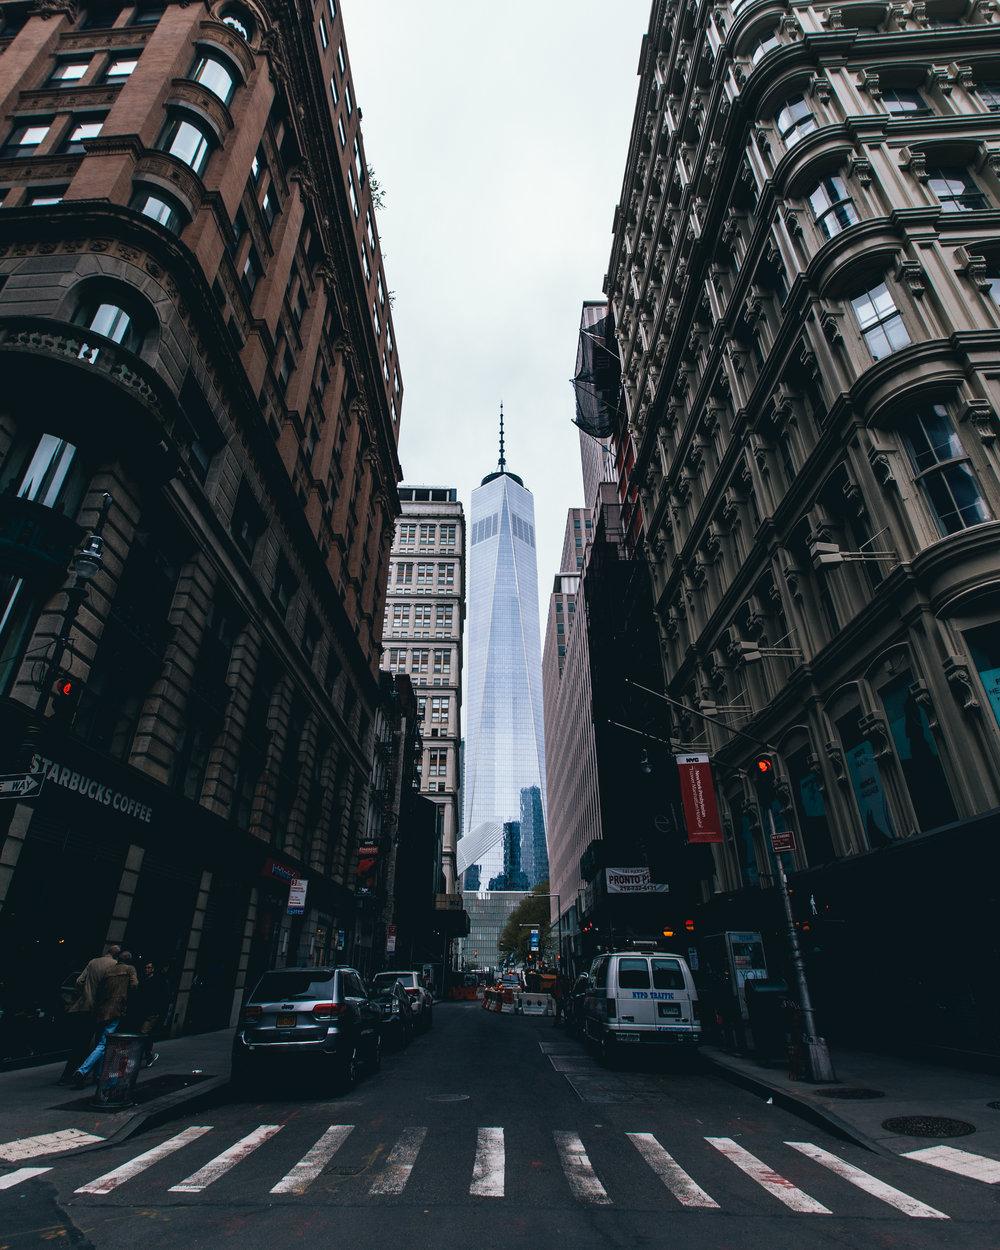 WTC_BetweenBuildings.jpg